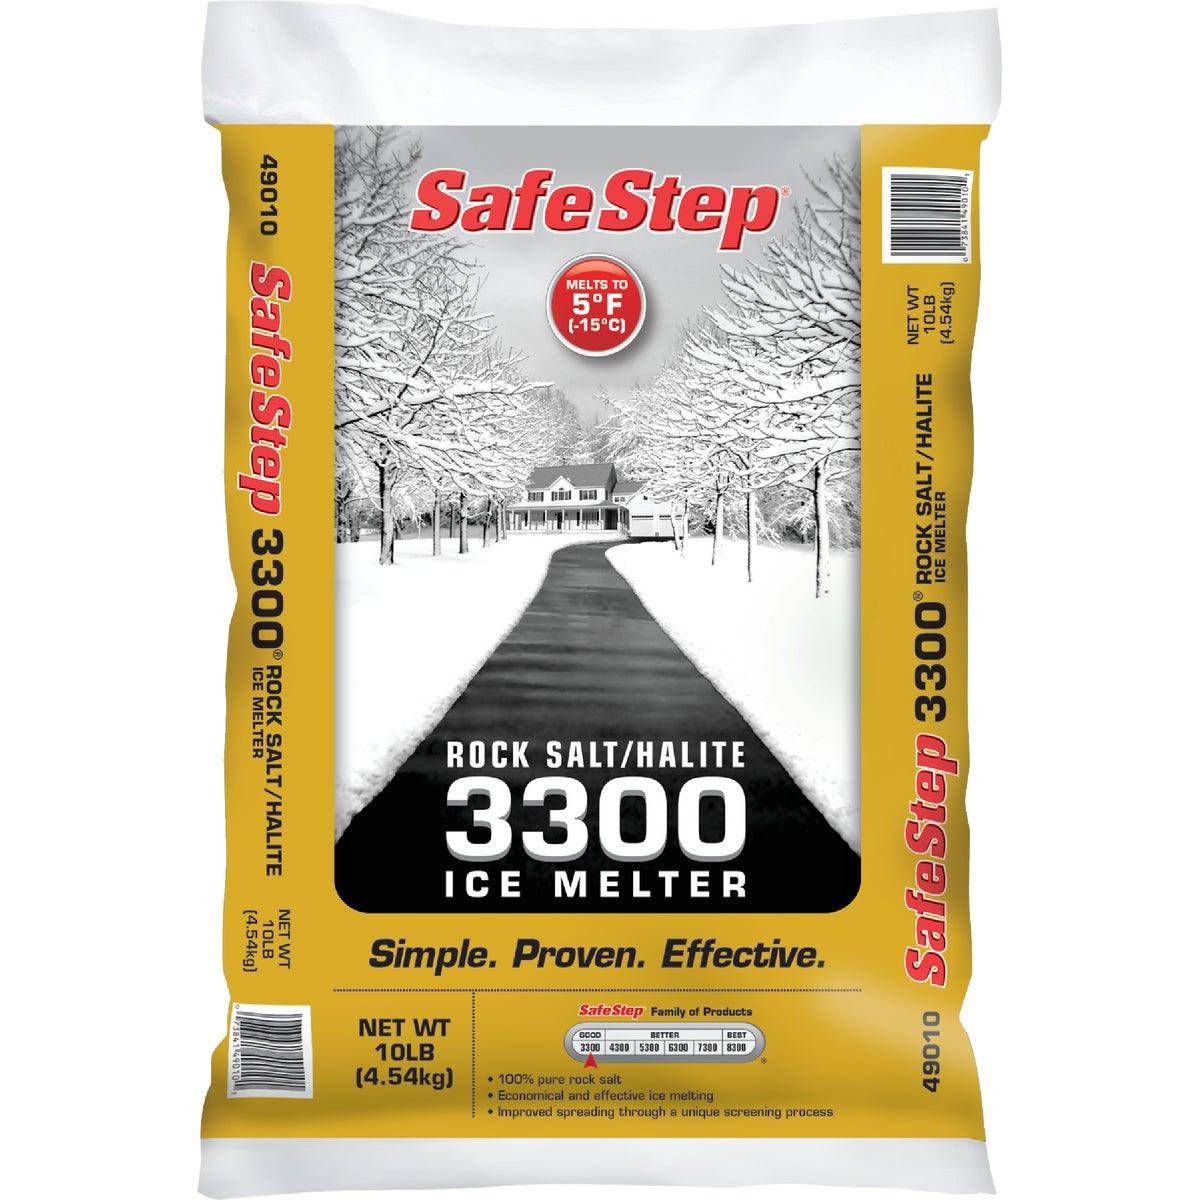 10Lb 3300 Rock Salt